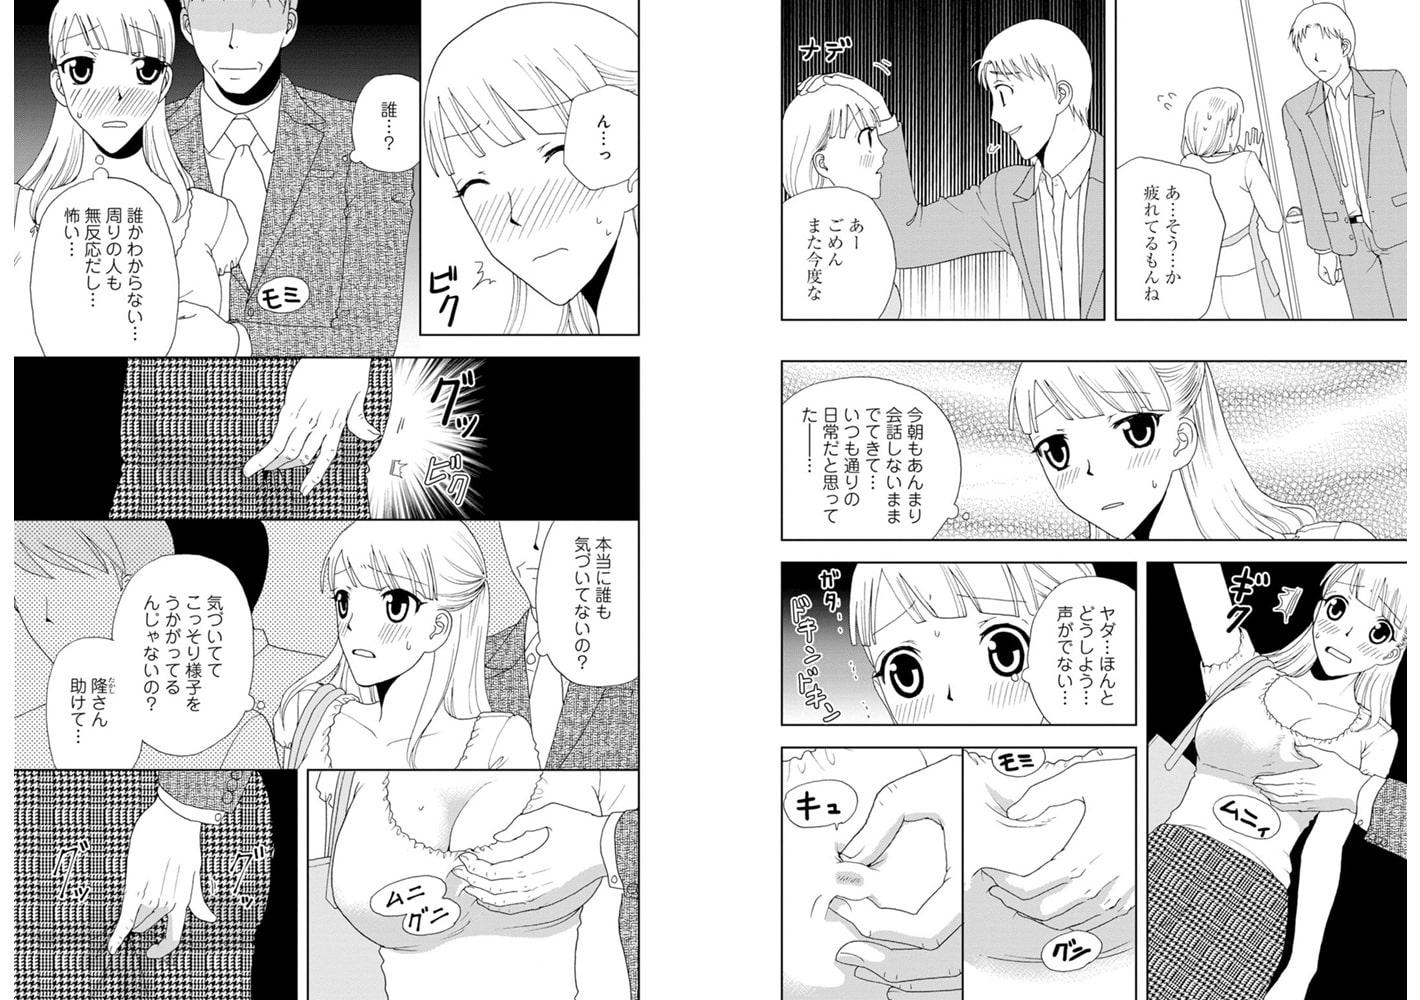 ネトラレ痴漢電車~S教師のナイショの指導 1巻